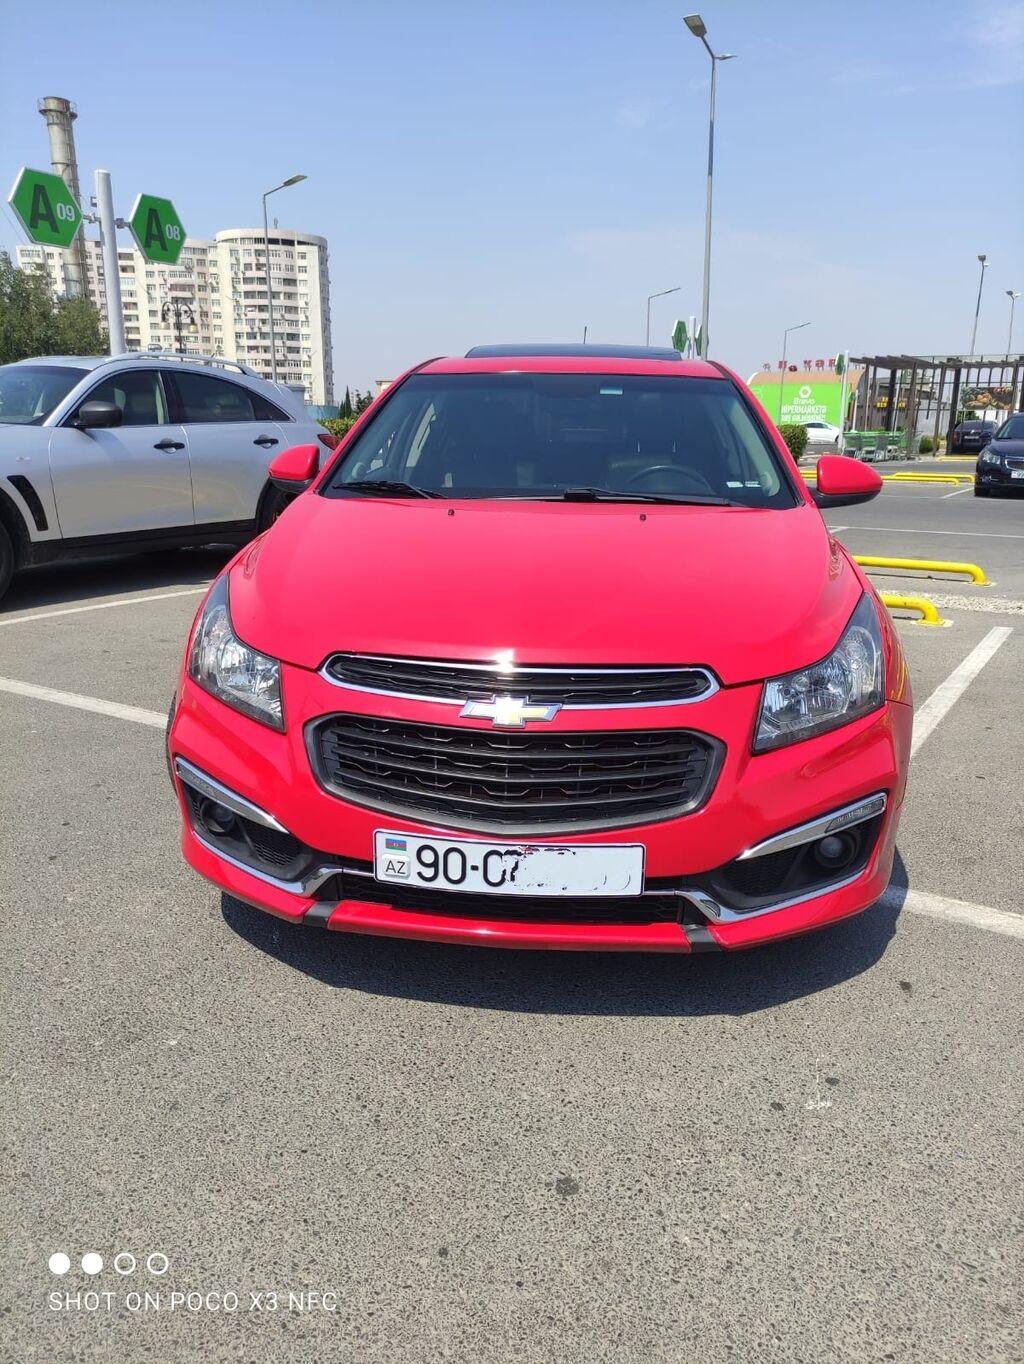 Chevrolet Cruze 1.4 l. 2015   120000 km   Elan yaradılıb 13 Oktyabr 2021 11:14:56   CHEVROLET: Chevrolet Cruze 1.4 l. 2015   120000 km